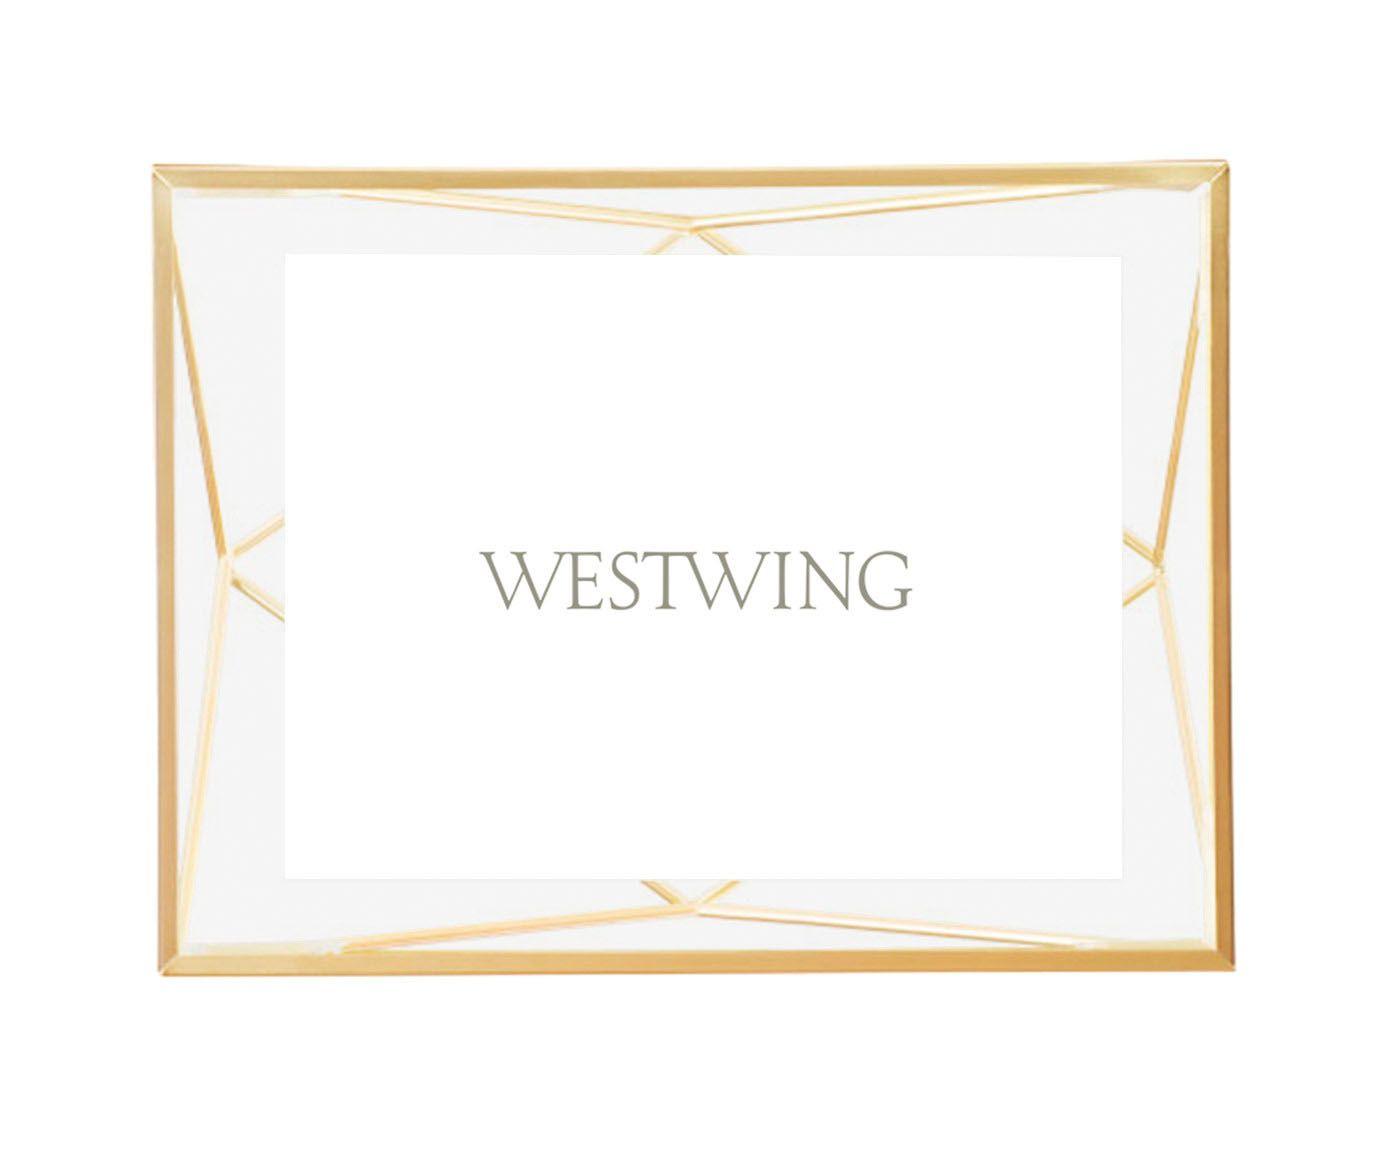 Porta-Retrato Prisma Dourado - Foto 10X15cm | Westwing.com.br